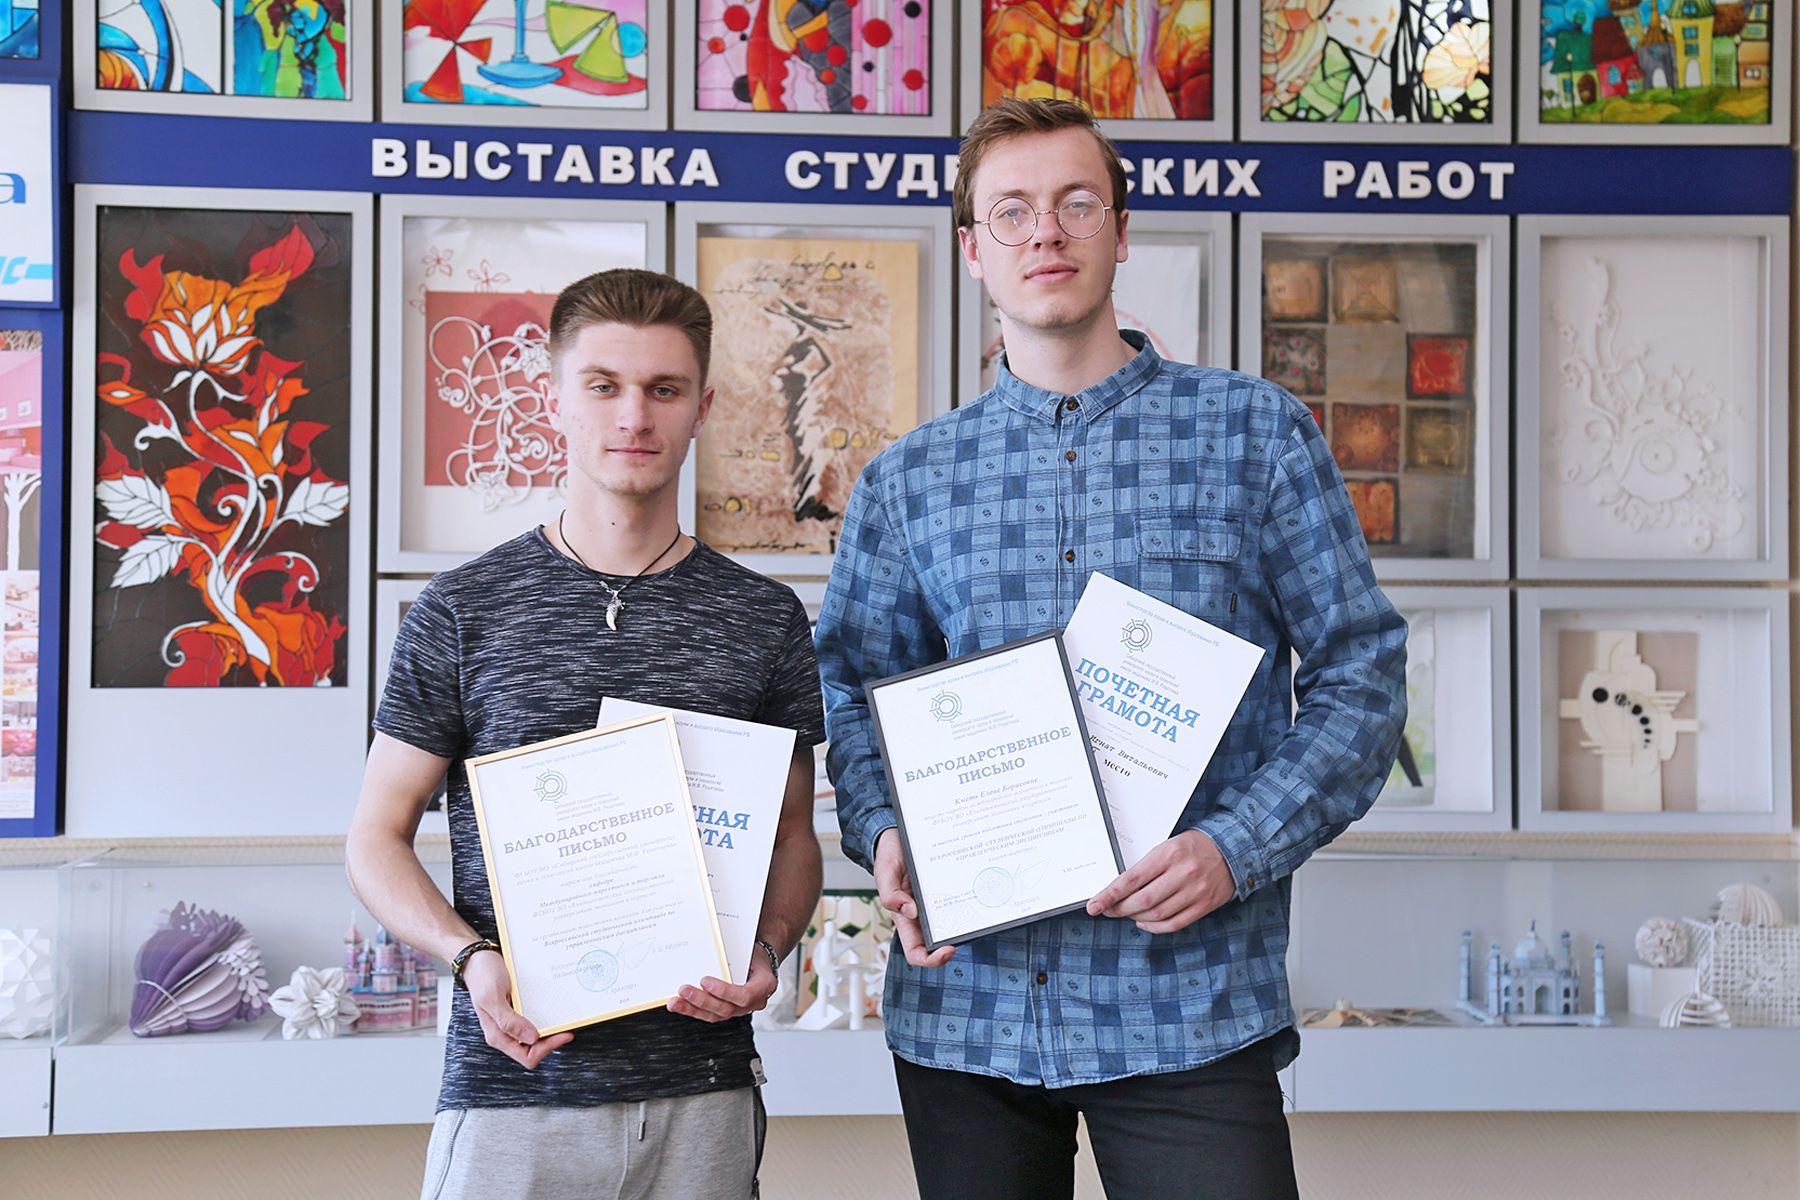 Студенты ВГУЭС на Всероссийской олимпиаде: награда за лучшее решение в области маркетинговых исследований